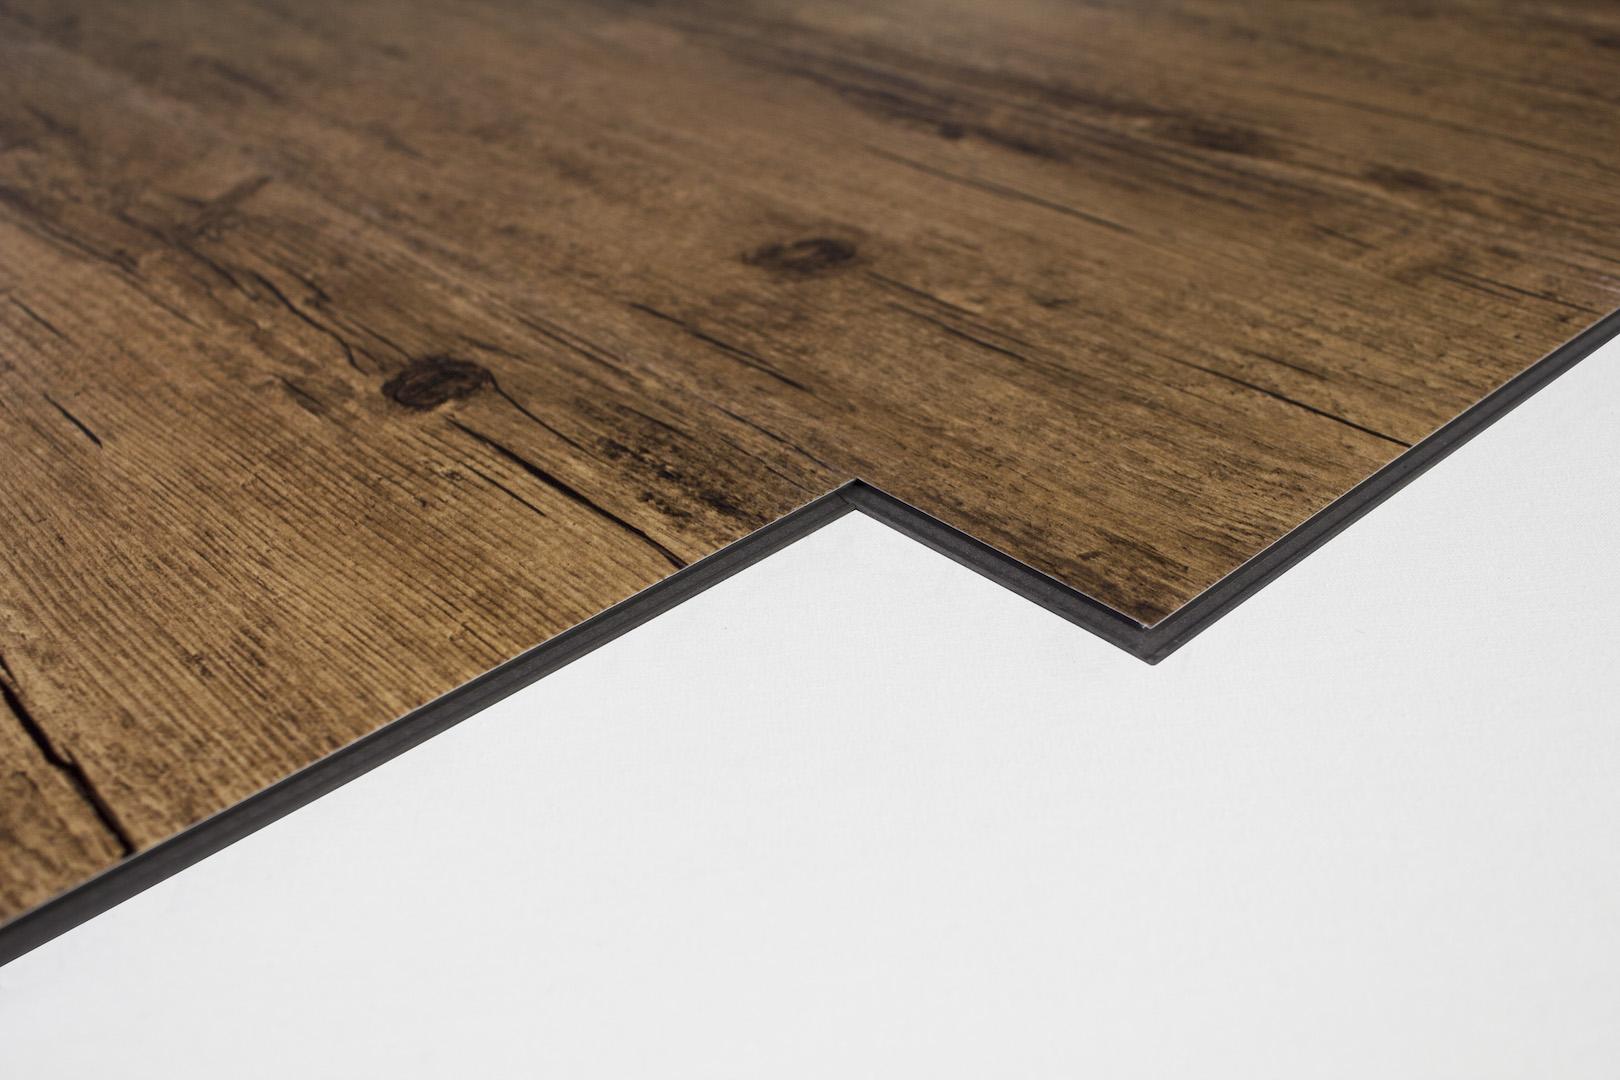 1 m vinylboden in 4 2mm uniclic dielen klick vinyl nutzschicht 0 3mm hh7006. Black Bedroom Furniture Sets. Home Design Ideas